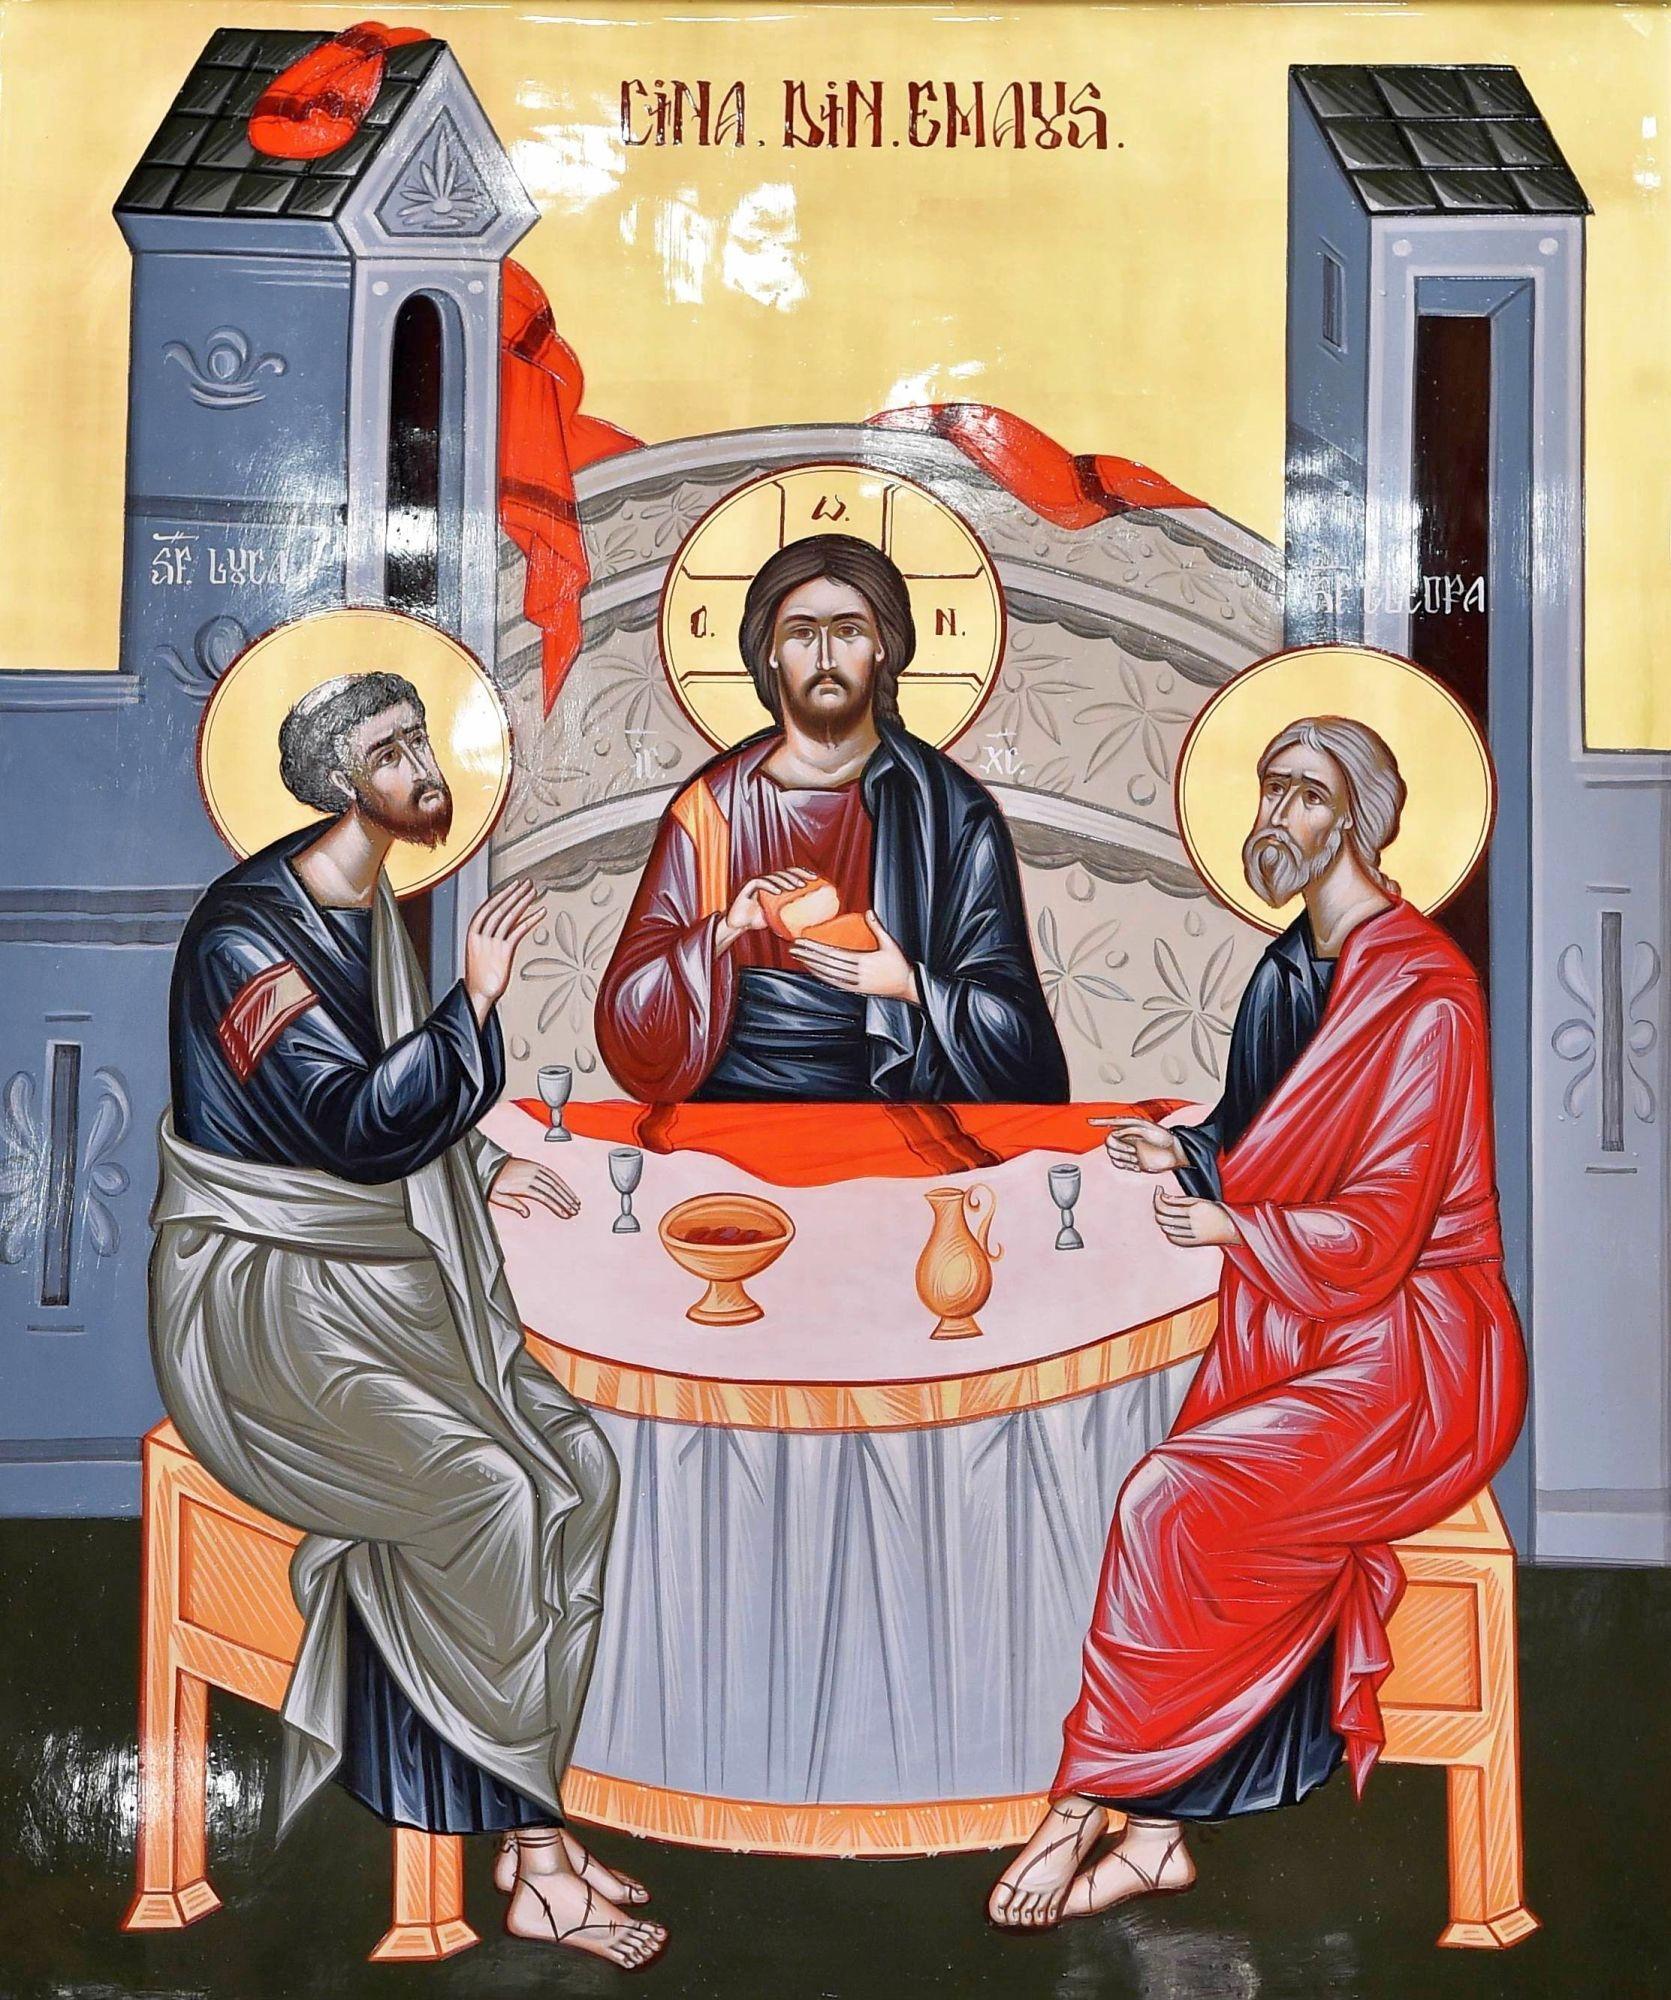 """CINA DIN EMAUS – icoana reprezentativă pentru Anul omagial al satului românesc: """"pentru că într-un sat, Emaus, la 12 km depărtare de Ierusalim (60 stadii) Mântuitorul Iisus Hristos s-a descoperit ucenicilor Luca și Cleopa că este El, Cel răstignit și înviat din morți"""""""